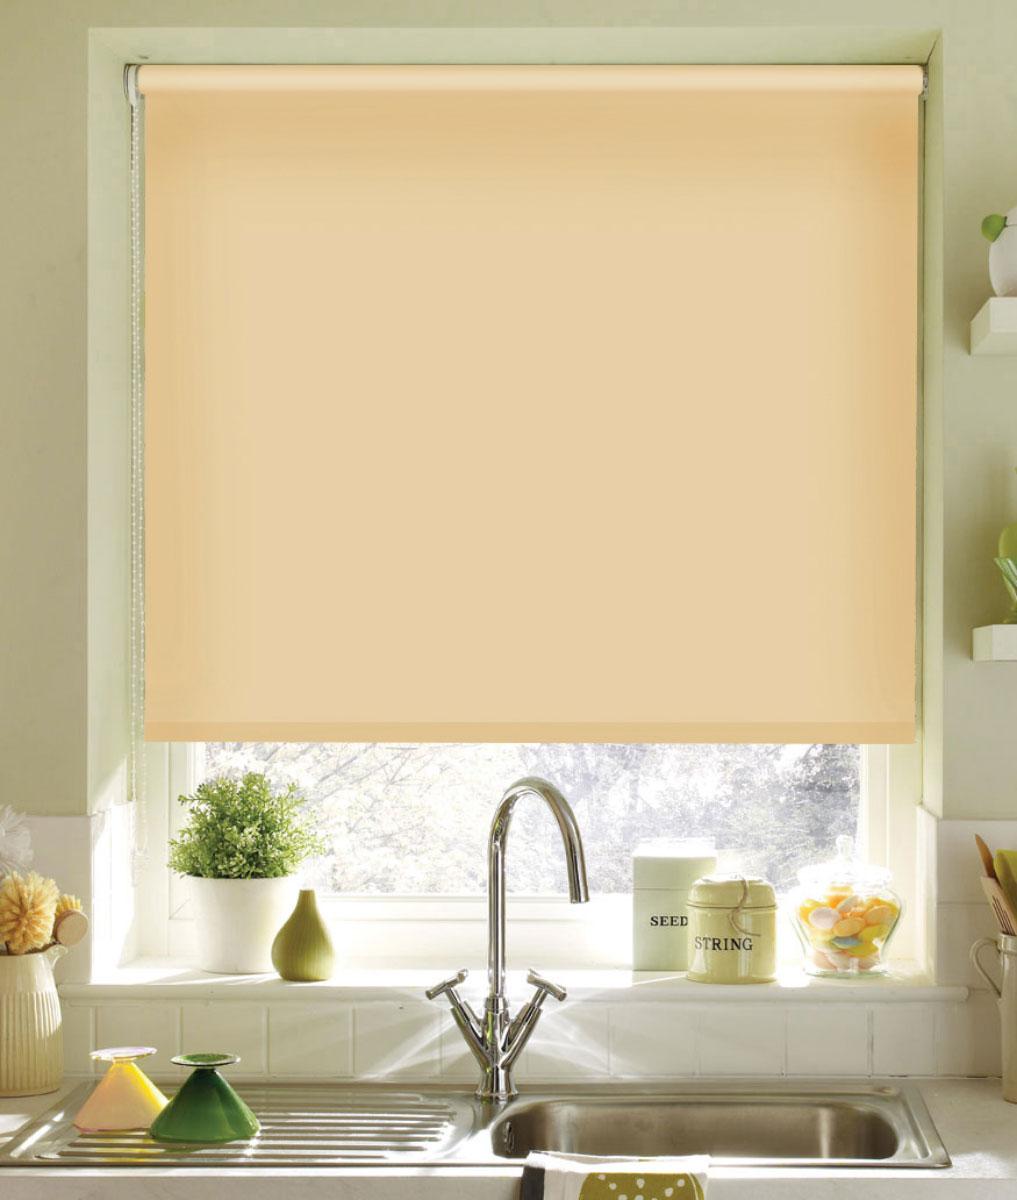 Миниролло KauffOrt 43х170 см, цвет: светлый абрикос3043112Рулонная штора Миниролло выполнена из высокопрочной ткани светло-абрикосового цвета, которая сохраняет свой размер даже при намокании. Ткань не выцветает и обладает отличной цветоустойчивостью. Миниролло - это подвид рулонных штор, который закрывает не весь оконный проем, а непосредственно само стекло. Такие шторы крепятся на раму без сверления при помощи зажимов или клейкой двухсторонней ленты. Окно остаётся на гарантии, благодаря монтажу без сверления. Такая штора станет прекрасным элементом декора окна и гармонично впишется в интерьер любого помещения.